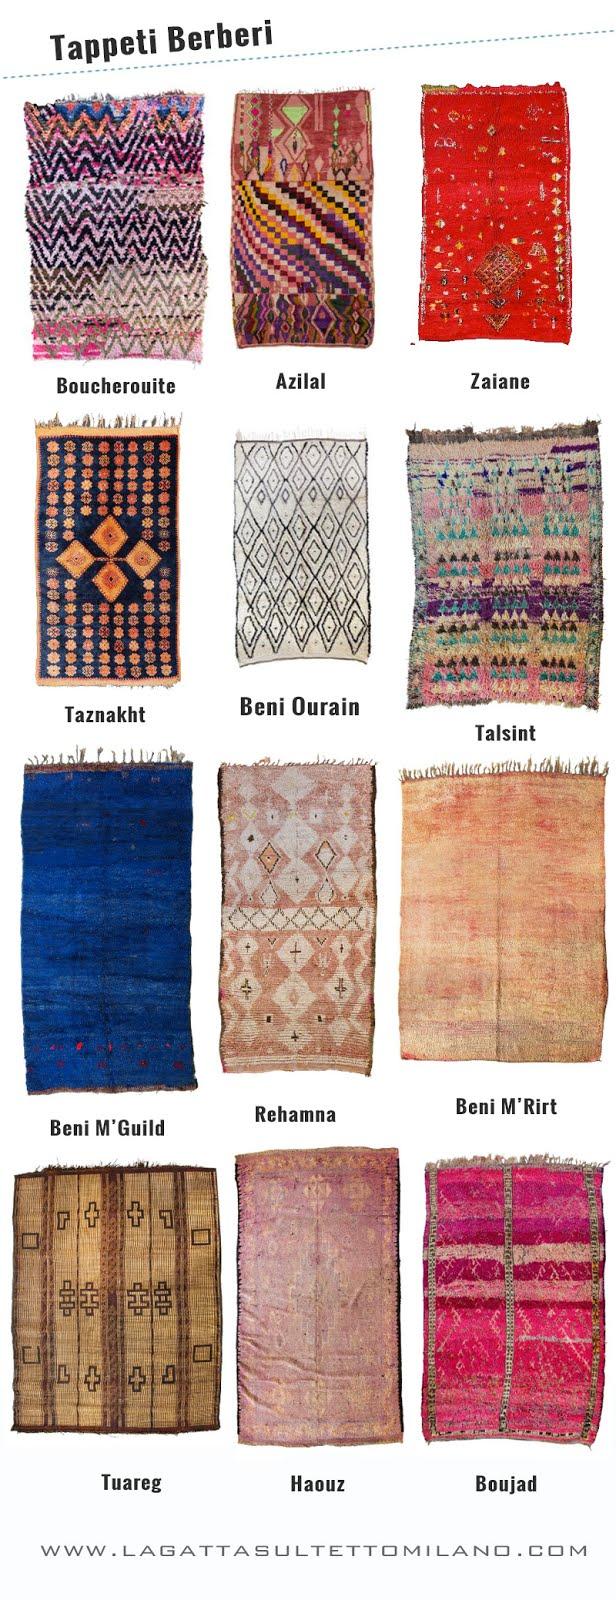 Tendenze arredo i tappeti berberi infografica